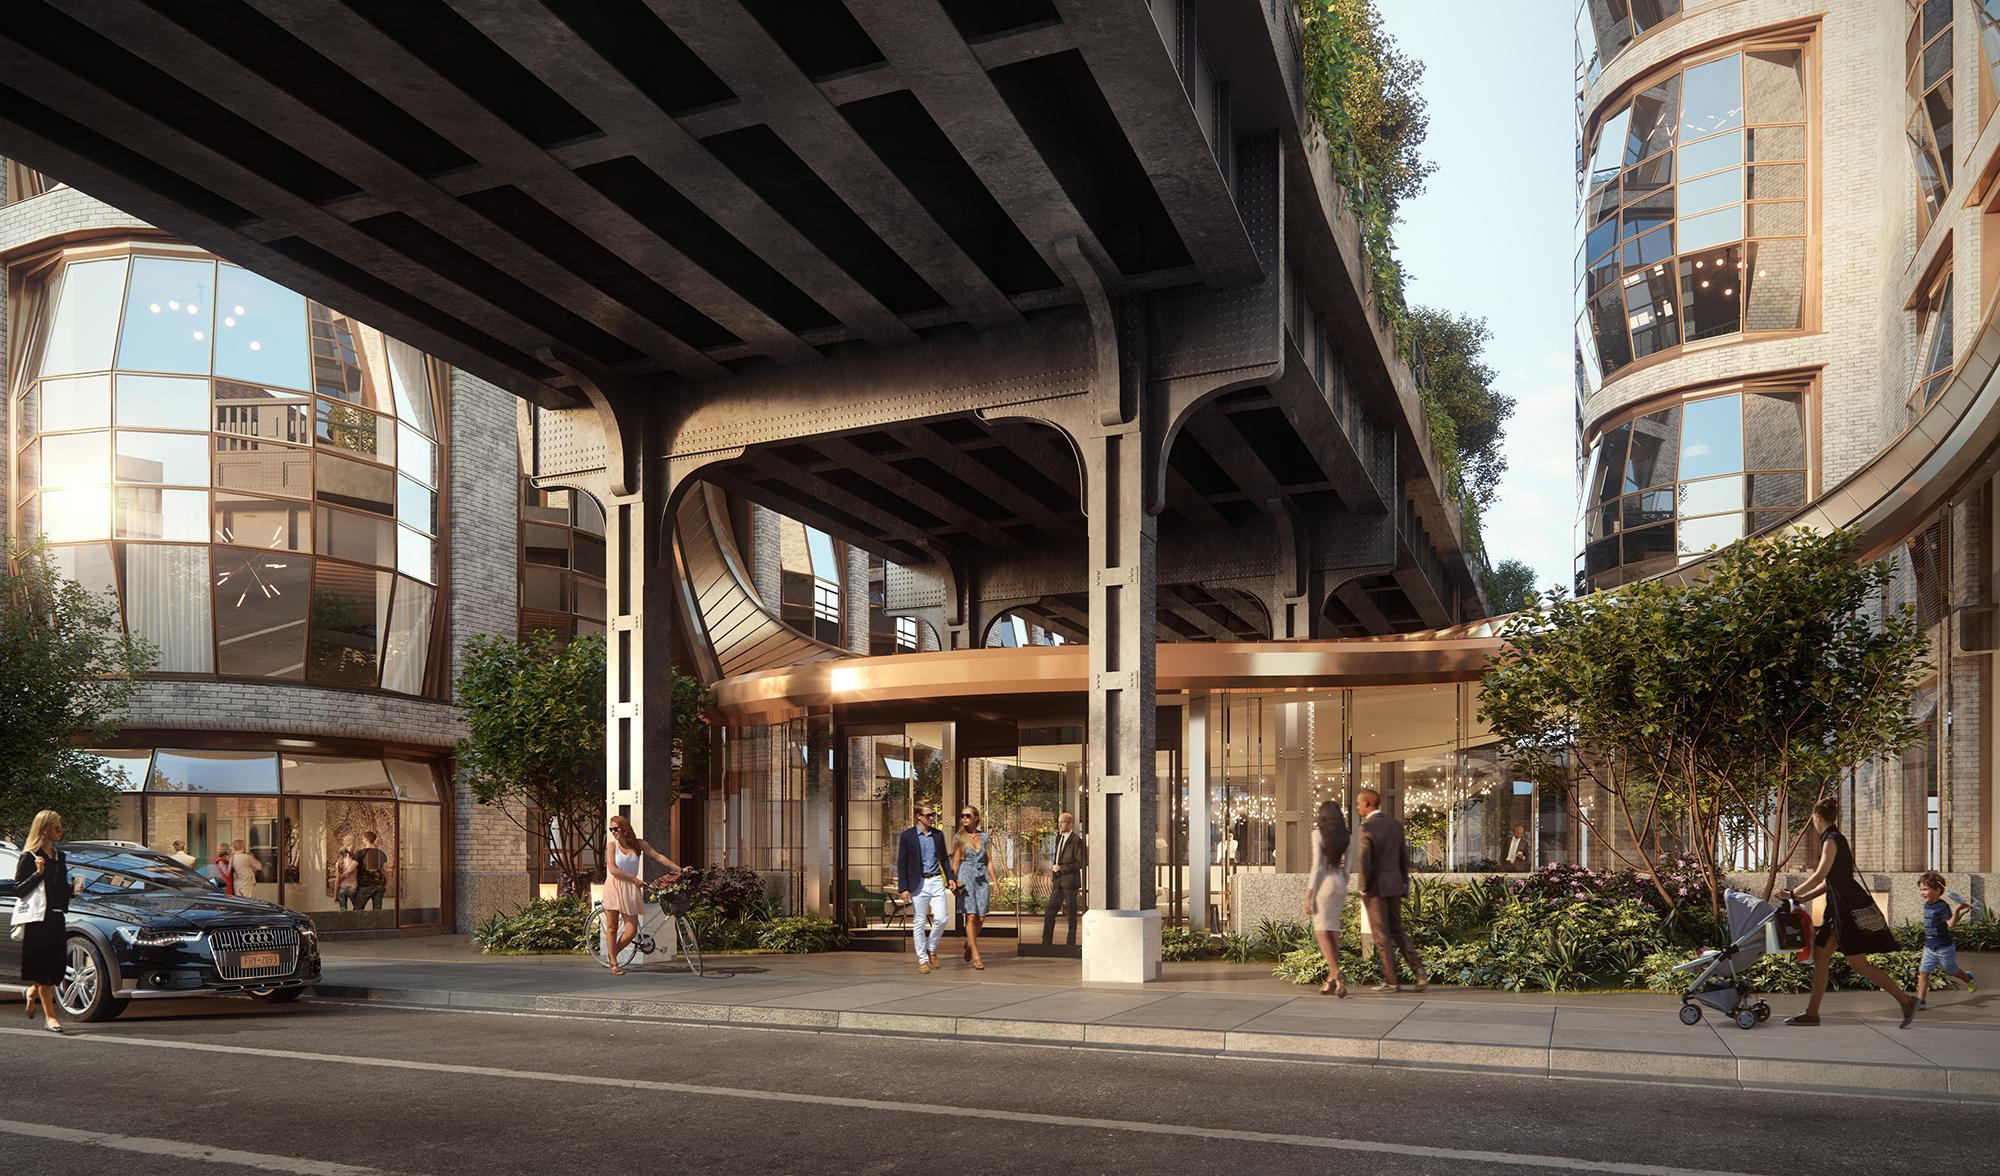 Thomas Heatherwick's High Line condo unveils lobby